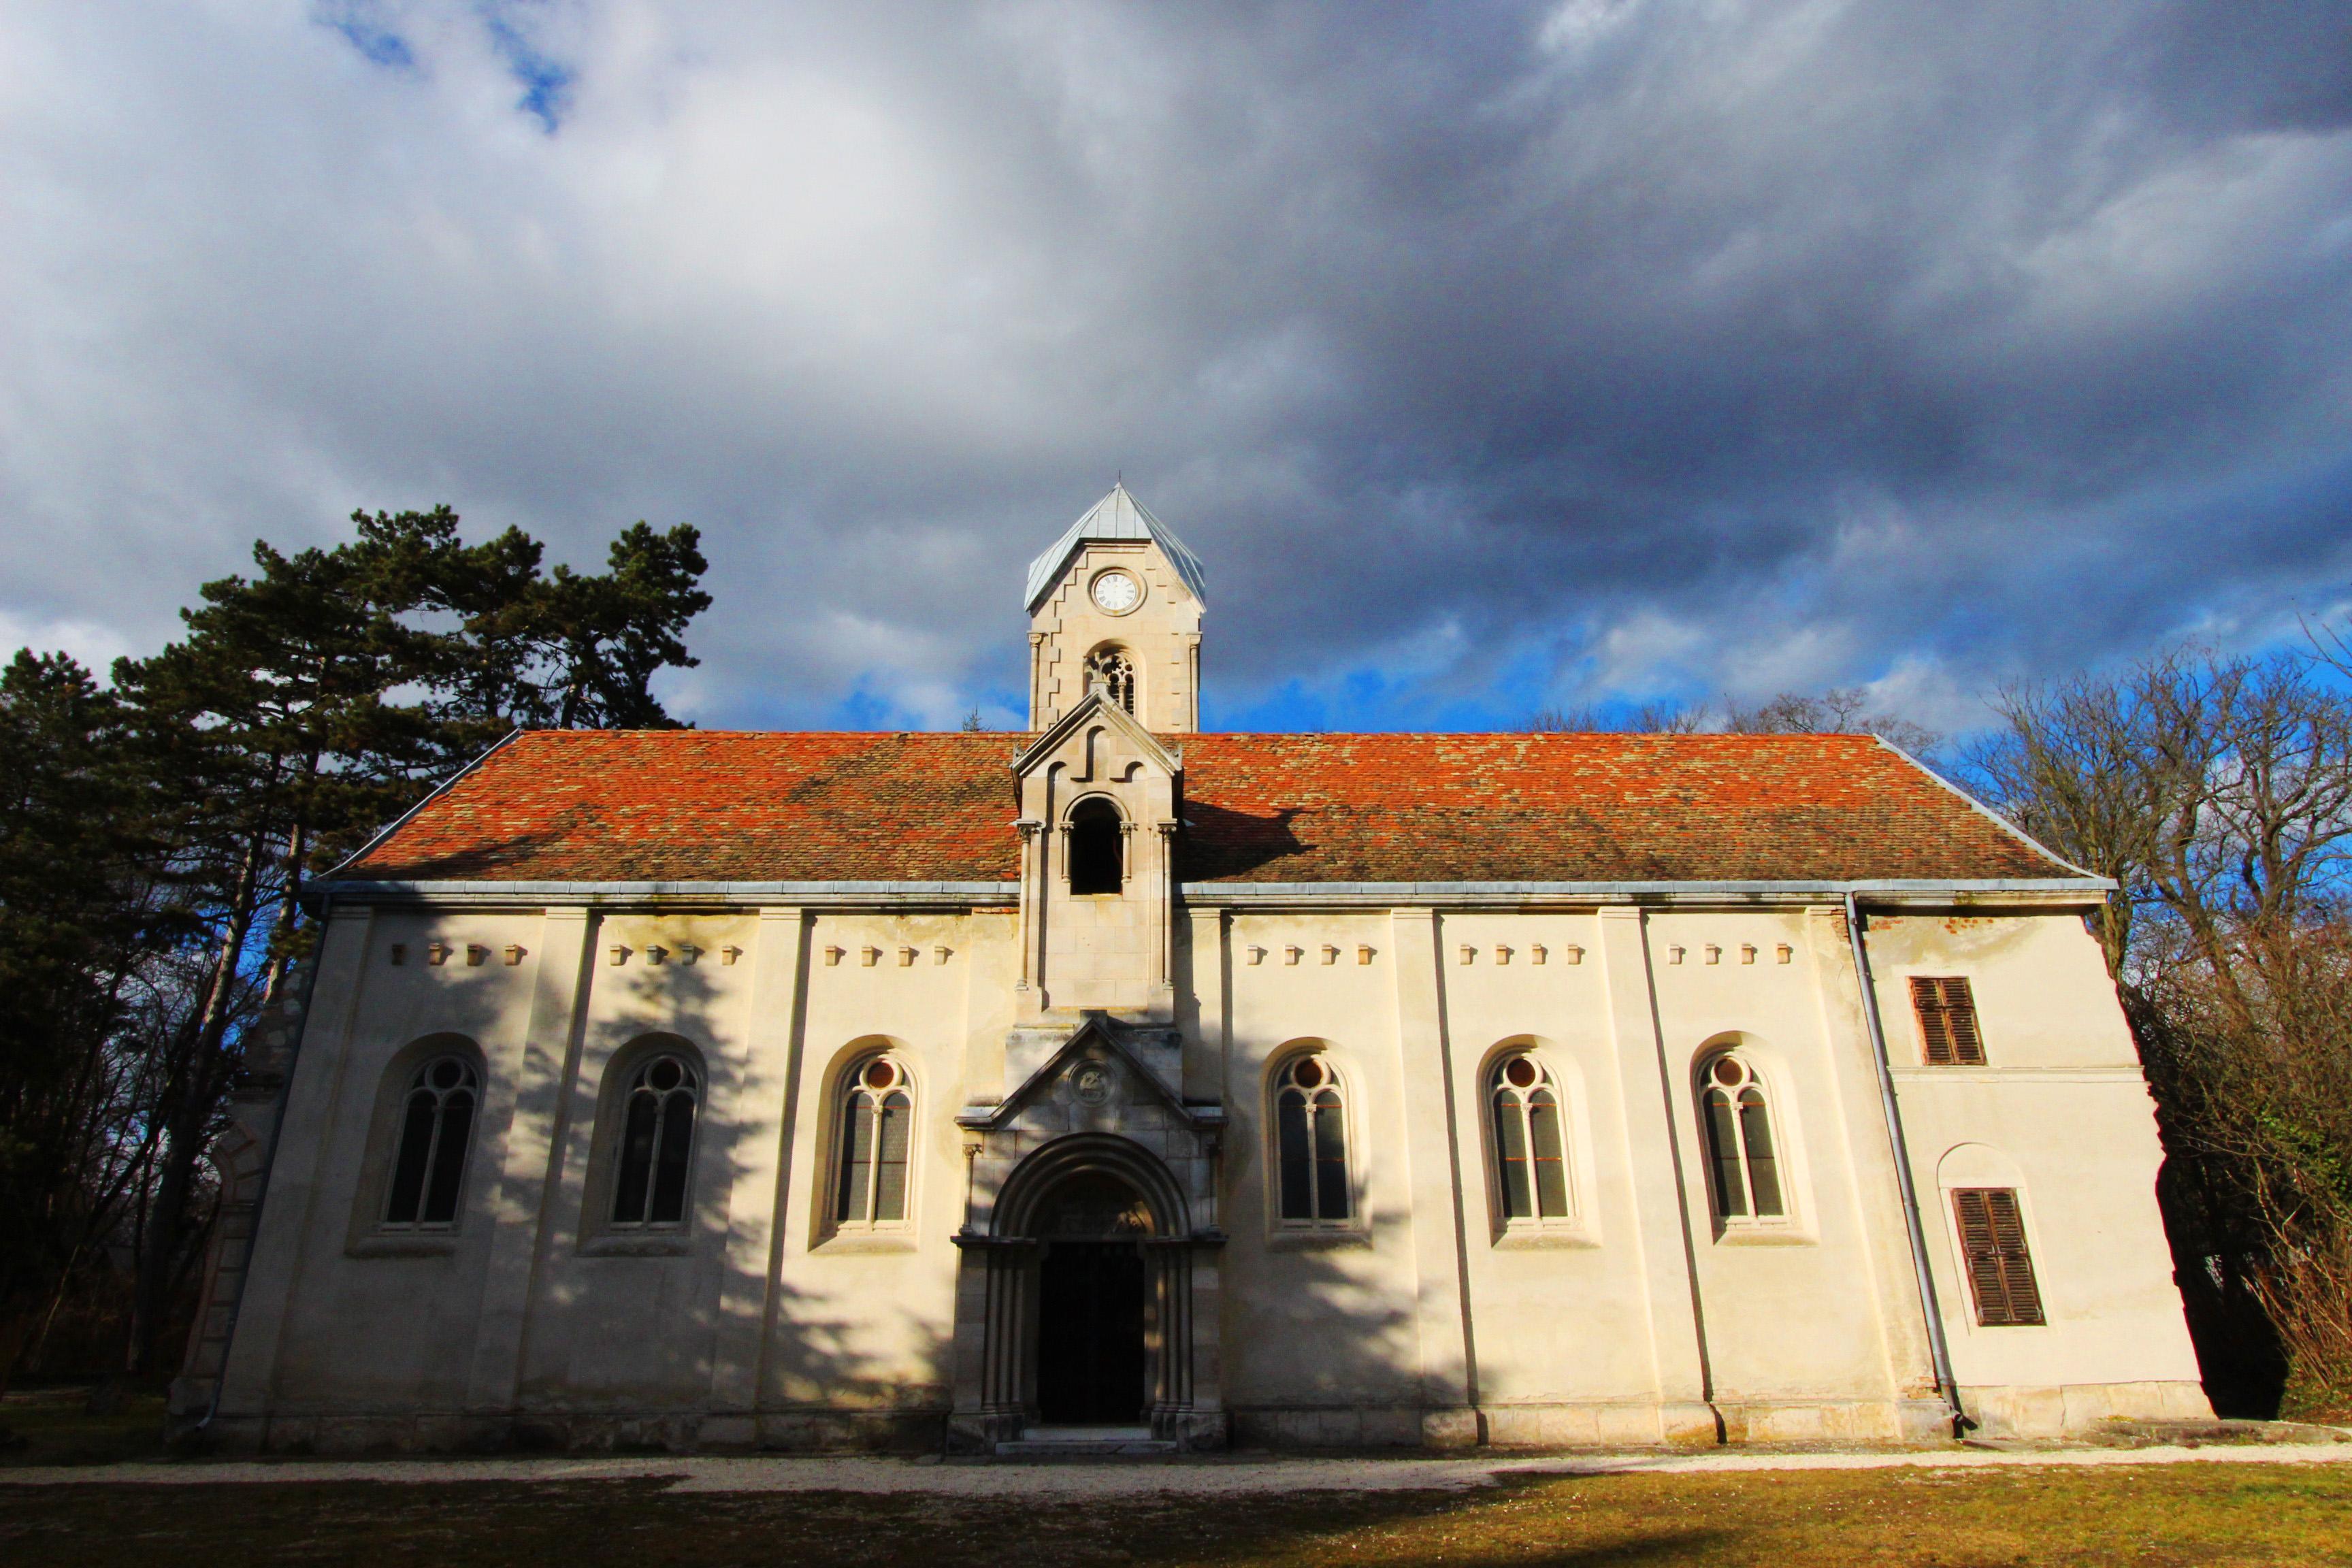 Alcsúti József nádor-kastély